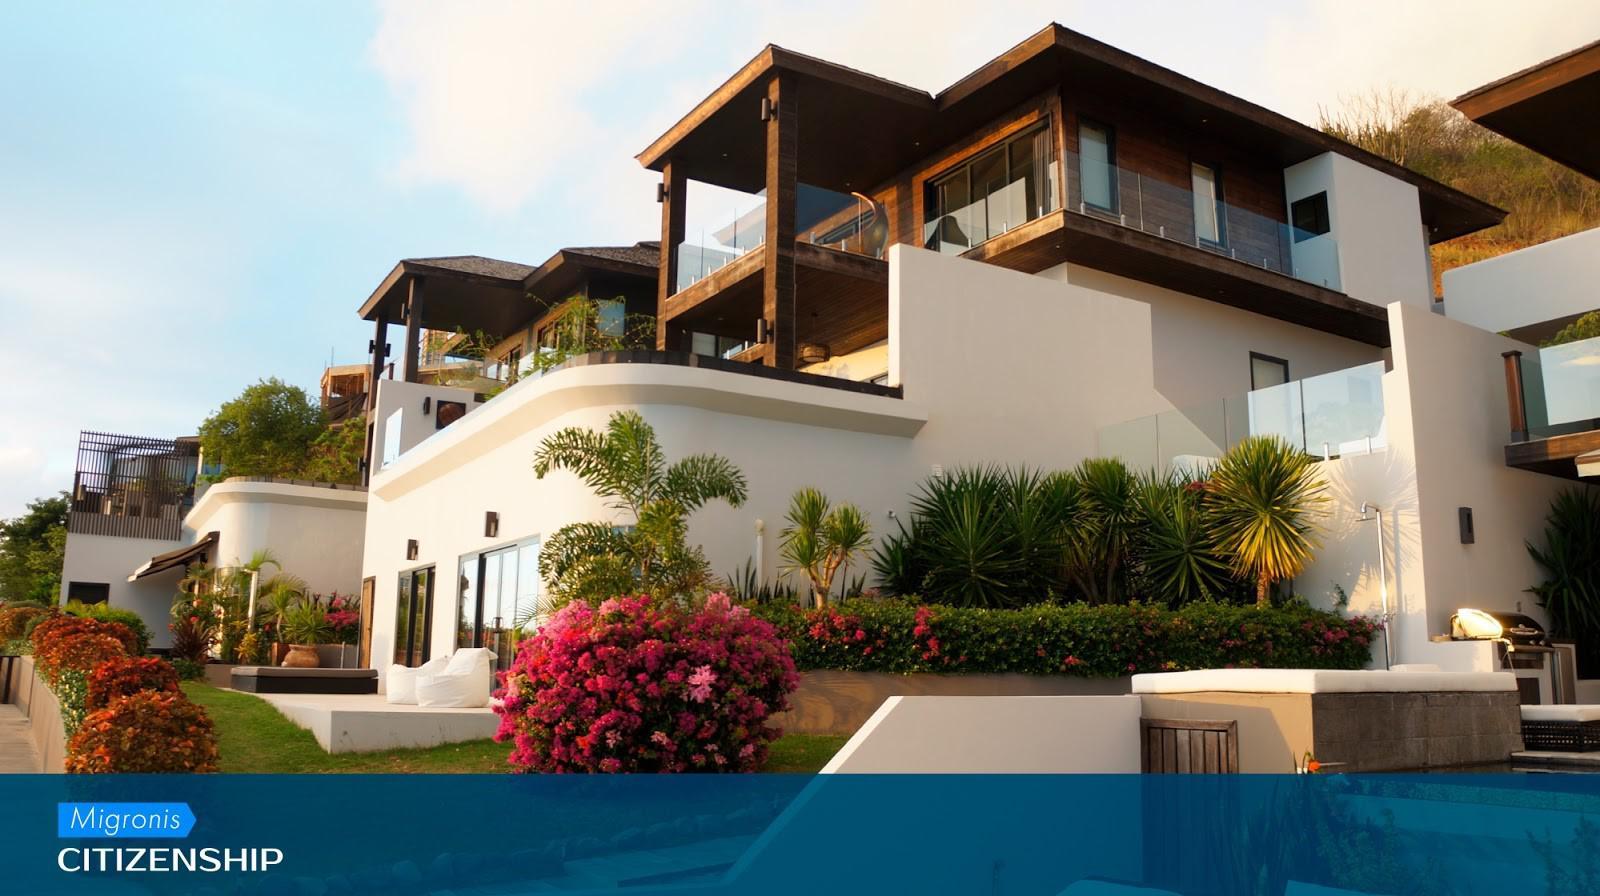 Tamarind Hills — курорт на западном побережье Антигуа, расположенный между двумя лучшим пляжами острова | Migronis